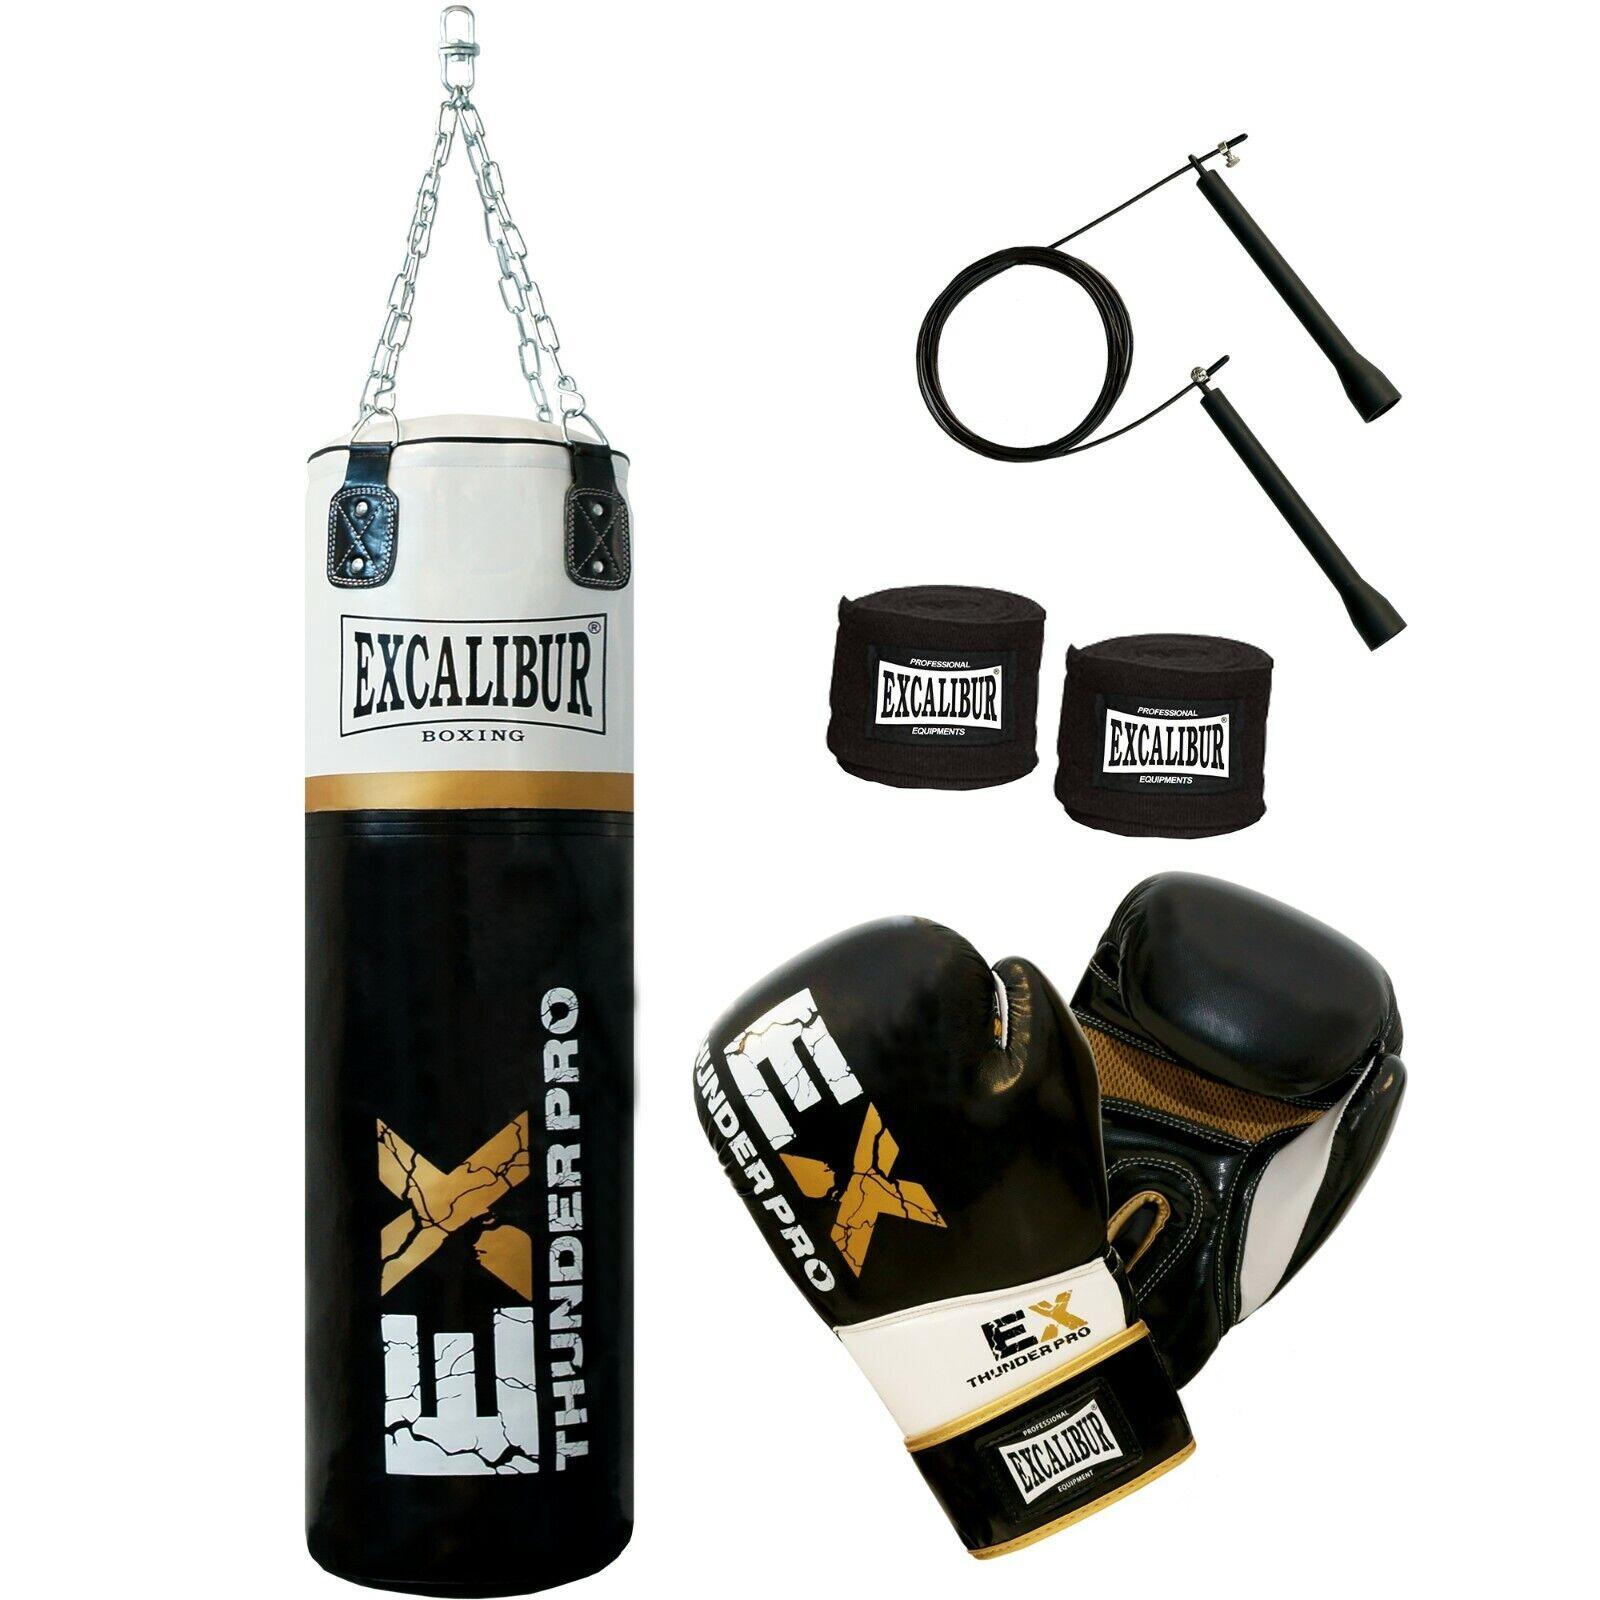 EXCALIBUR Boxset THUNDER Pro - Boxsack, Boxhandschuhe 14 oz, Boxbandagen + Seil